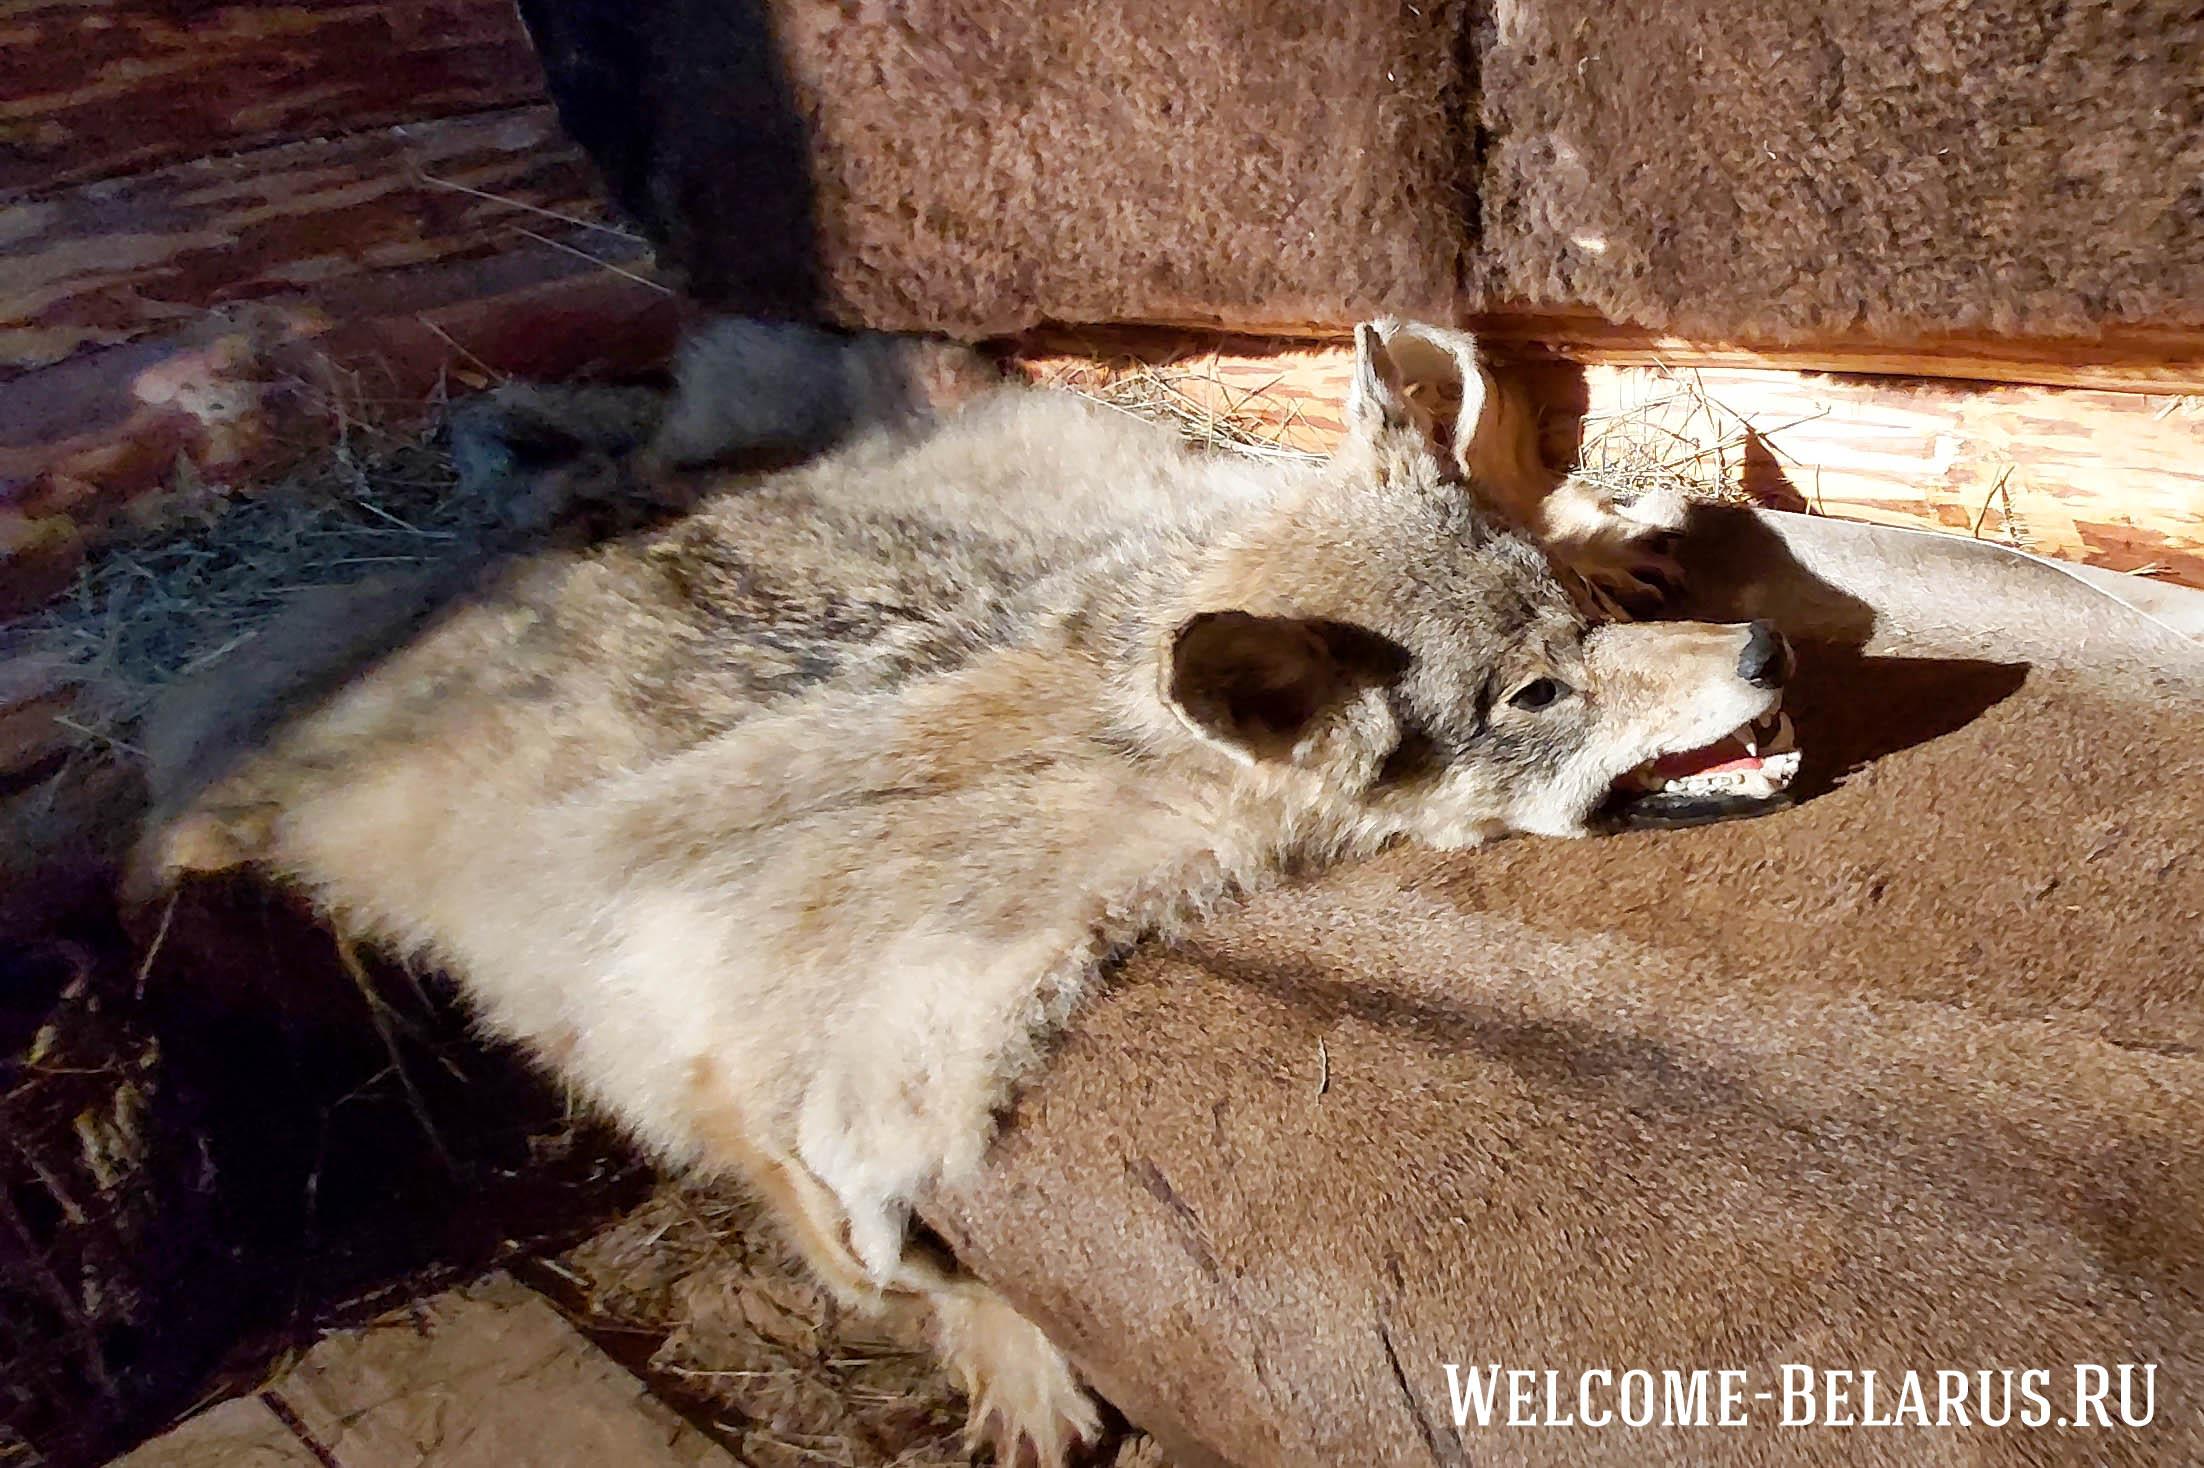 Шкура волка в зале о присваивающим хозяйстве